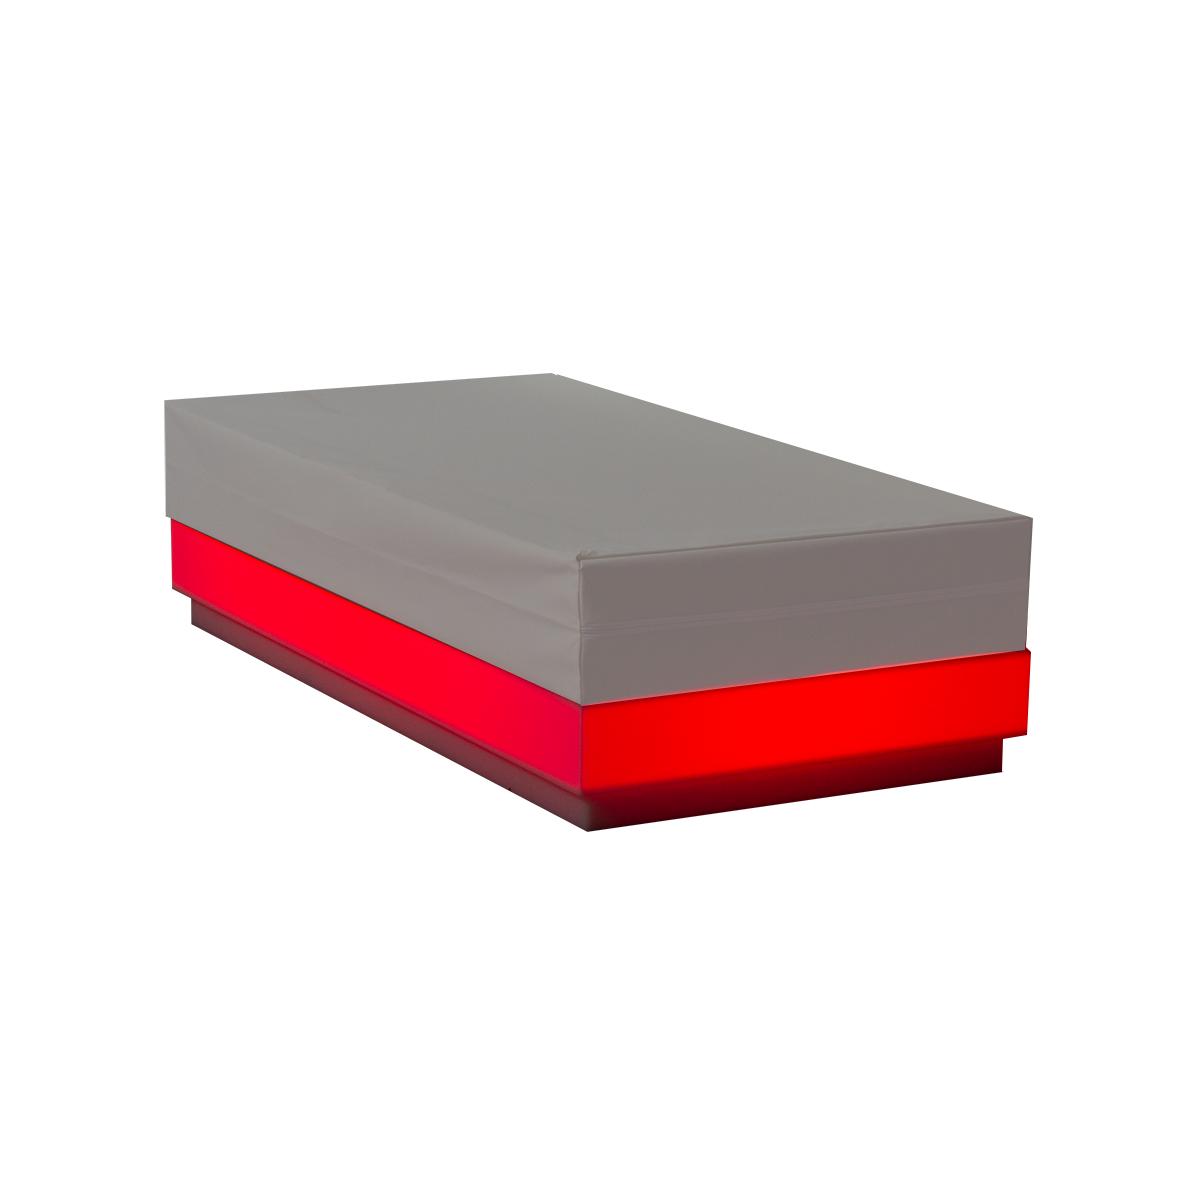 dieeventausstatter LED-Lounge RGB Rechteck rot